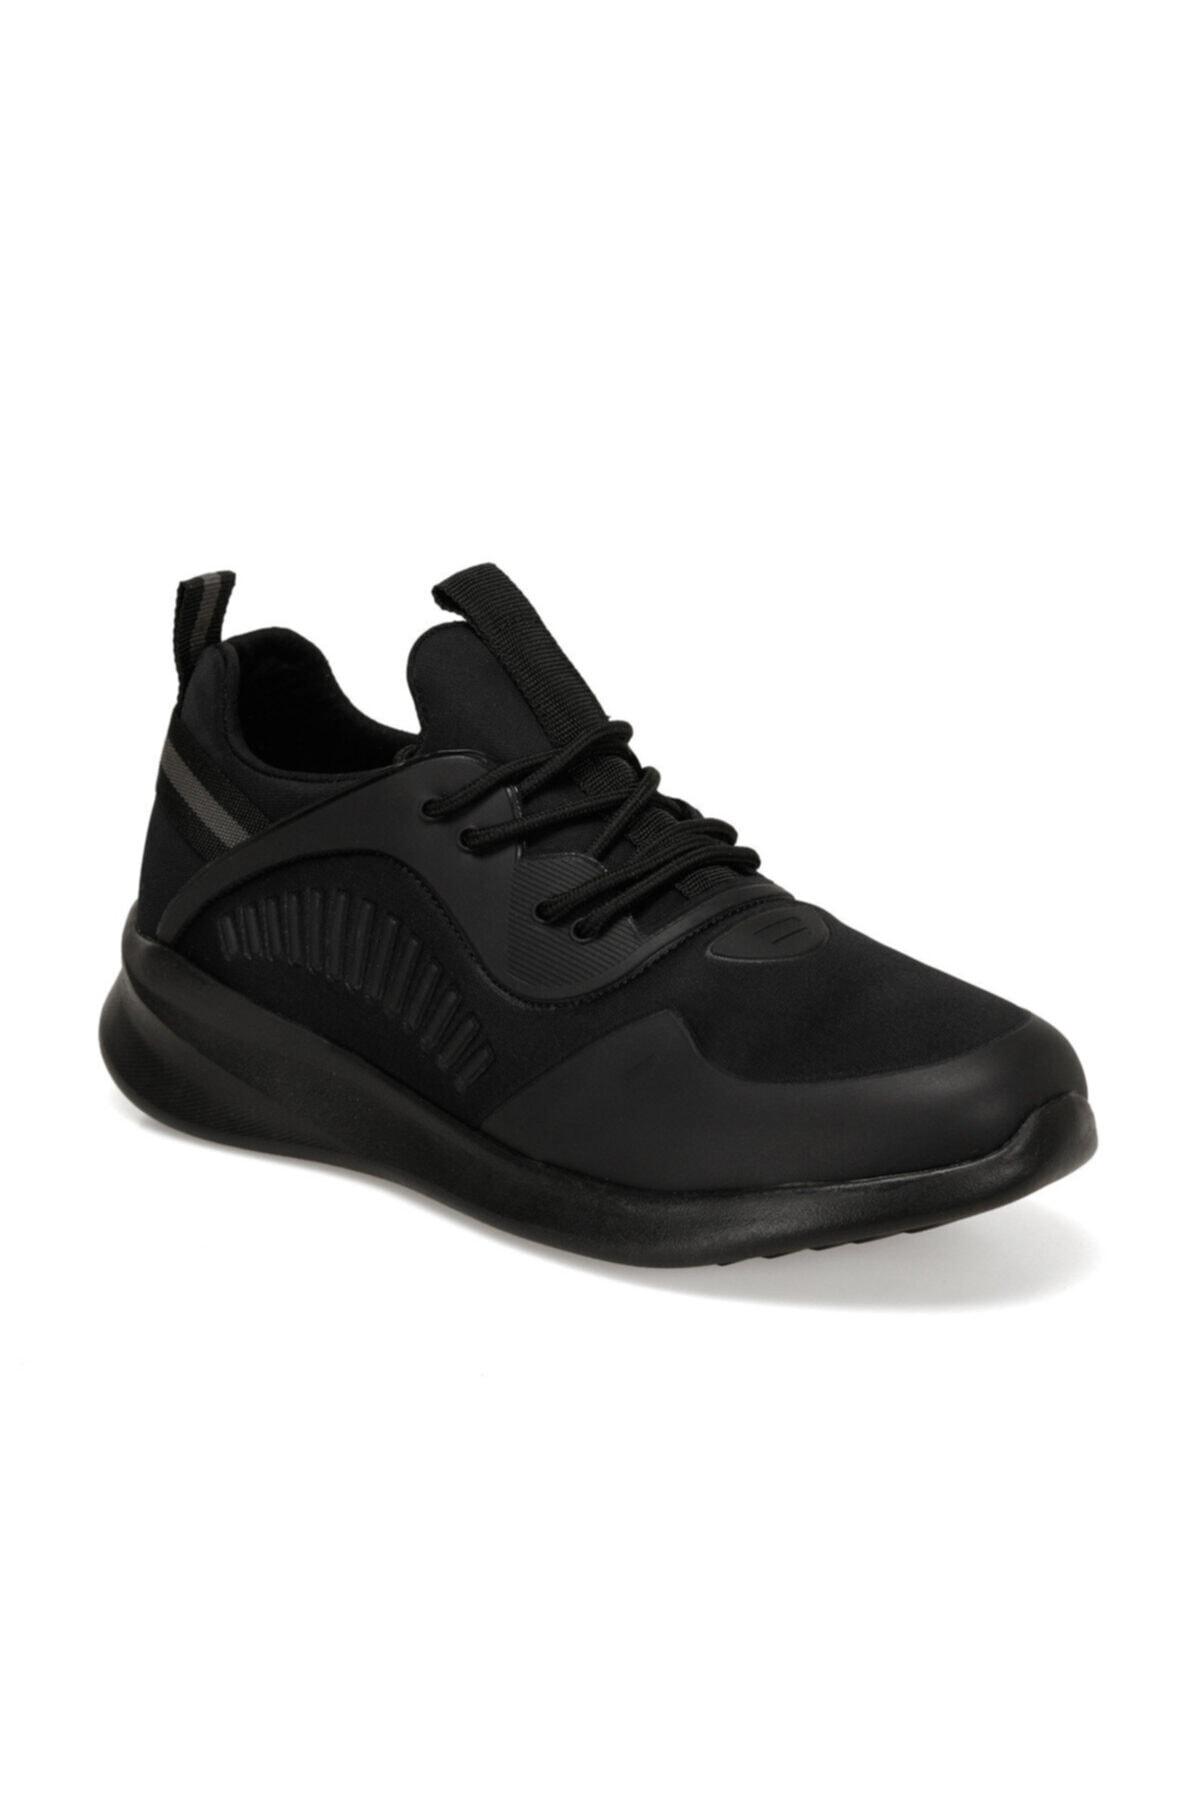 FORESTER EC-1085 Siyah Erkek Kalın Taban Sneaker Spor Ayakkabı 100569789 1